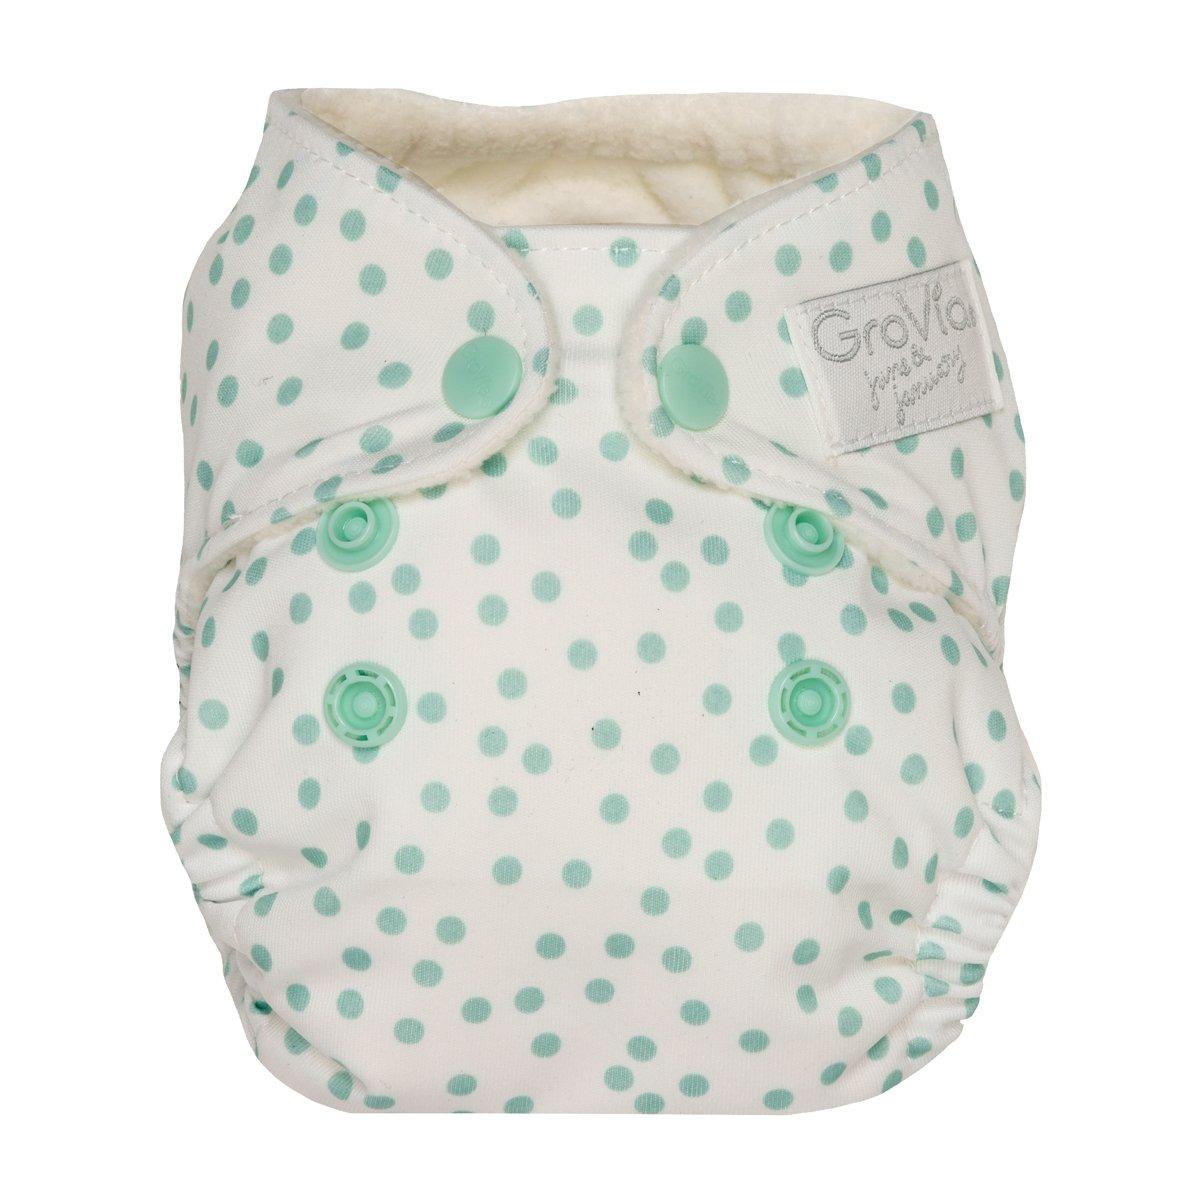 grovia newborn all in one -  Soft Mint Dot